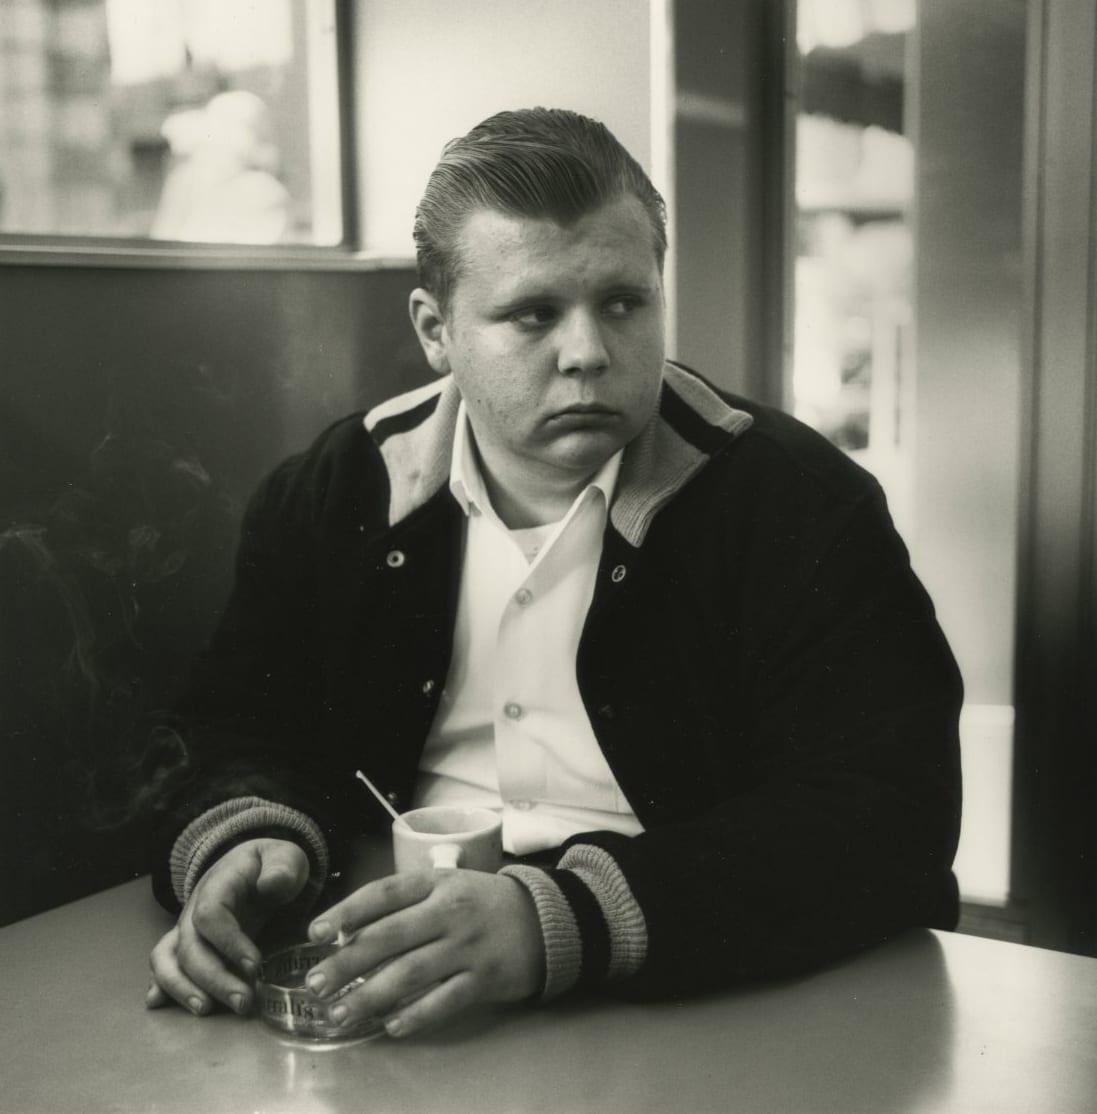 Arthur Tress, Boy, Market Street Diner, SF, 1964